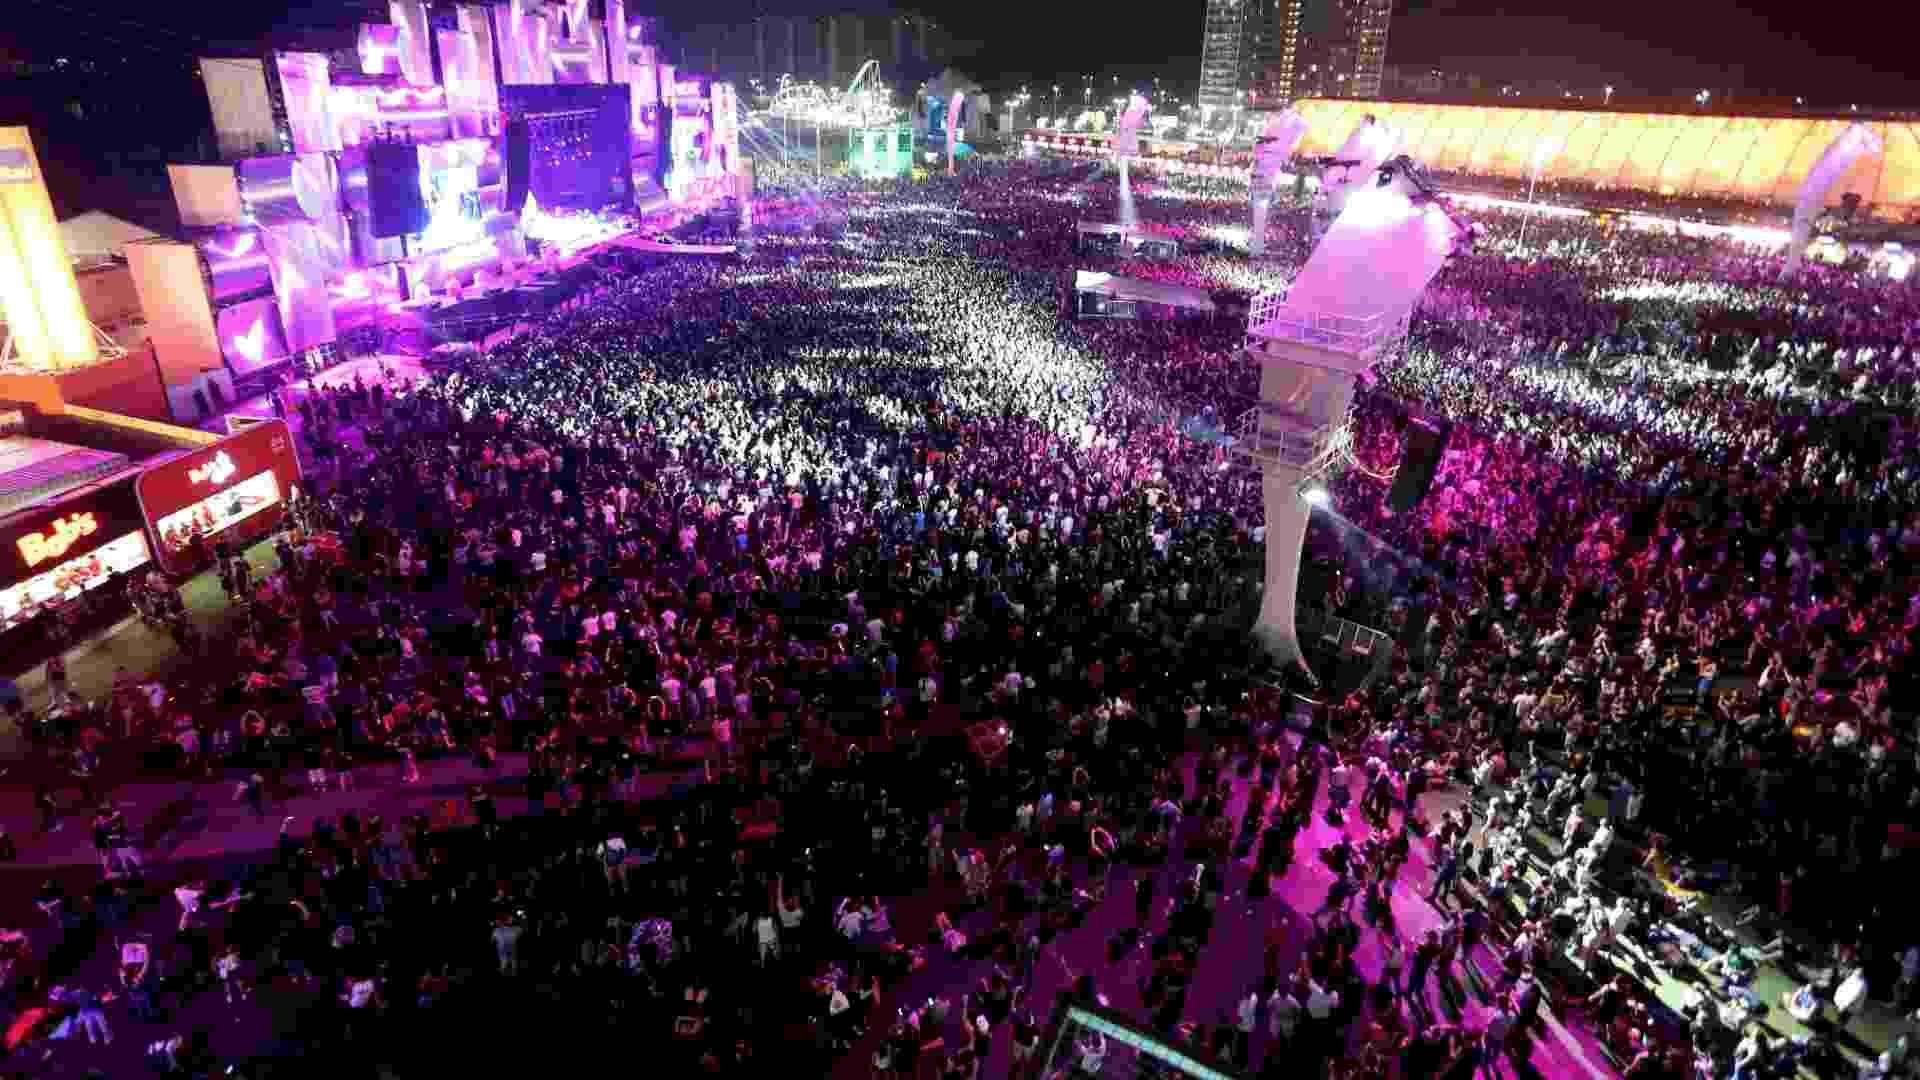 25.set.2015 - Público durante o show do Faith no More, no quinto dia do Rock in Rio 2015 - Fernando Maia/UOL